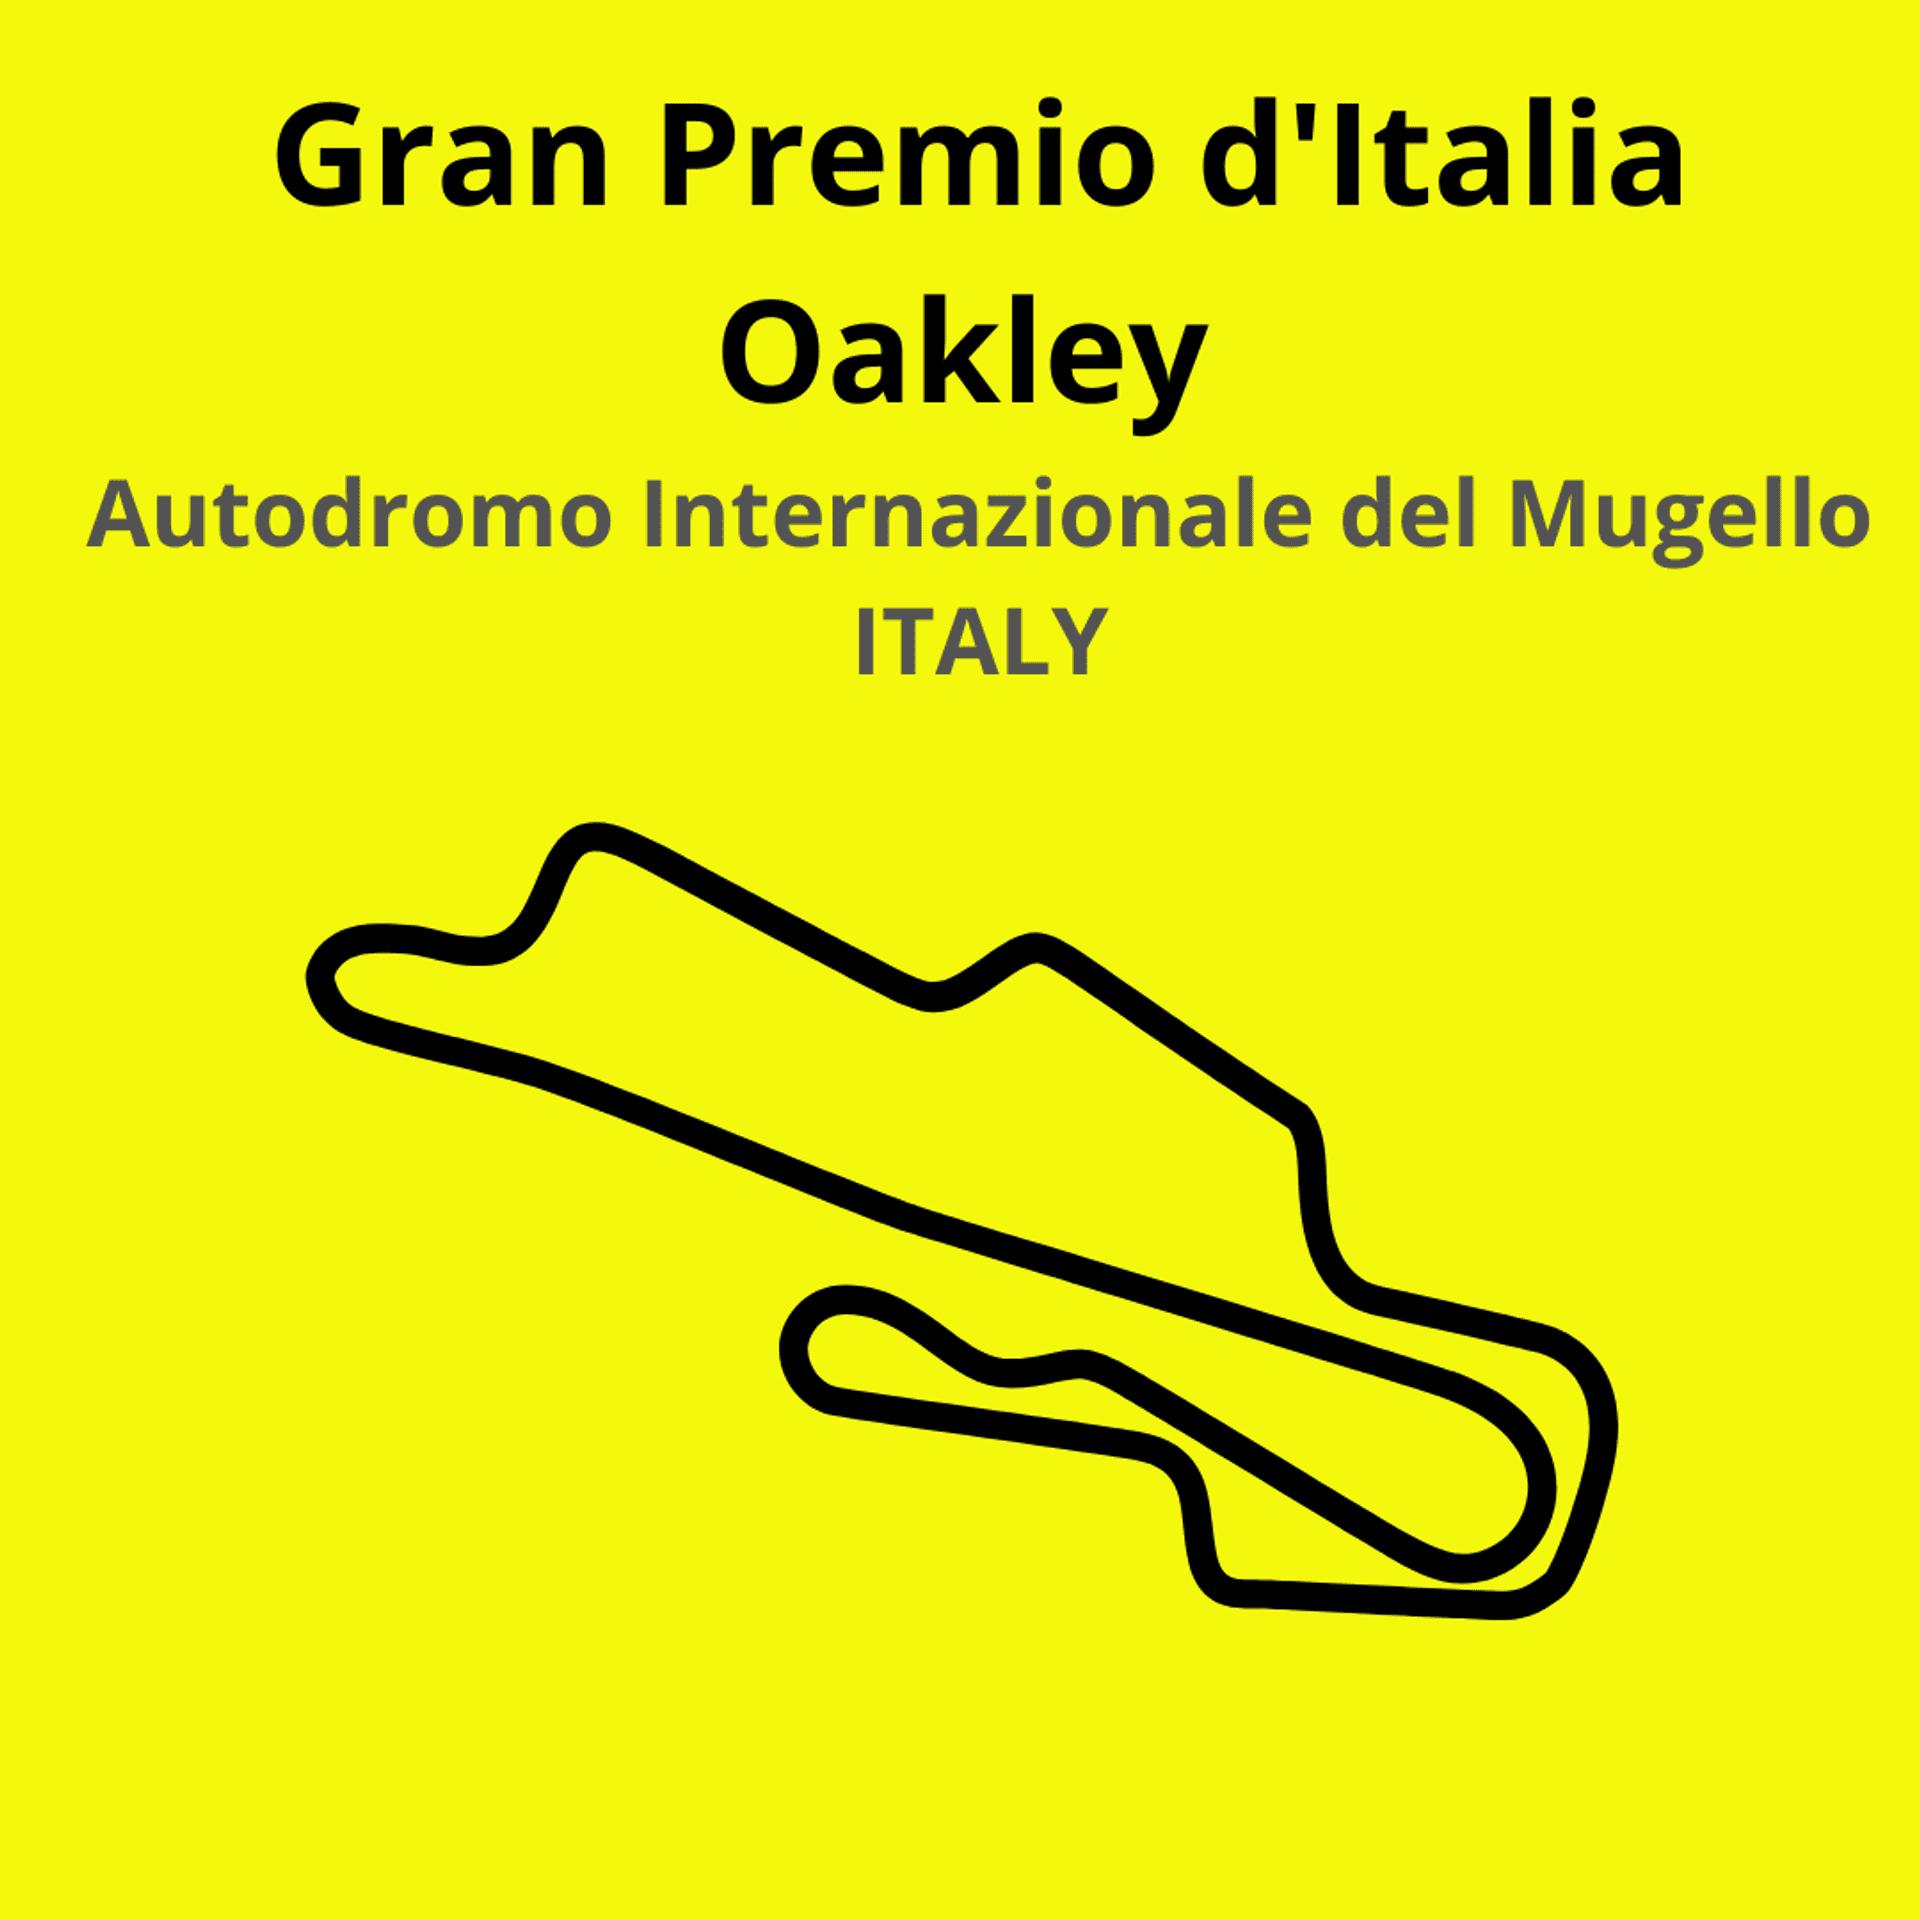 Gran Premio D'Italia. Scopri tutte le gare del moto mondiale 2021.Le caratteristiche di ogni circuito, i record e difficoltà.Segui insieme a noi tutte le gare di Tony Arbolino nella sua nuova avventura in Moto2